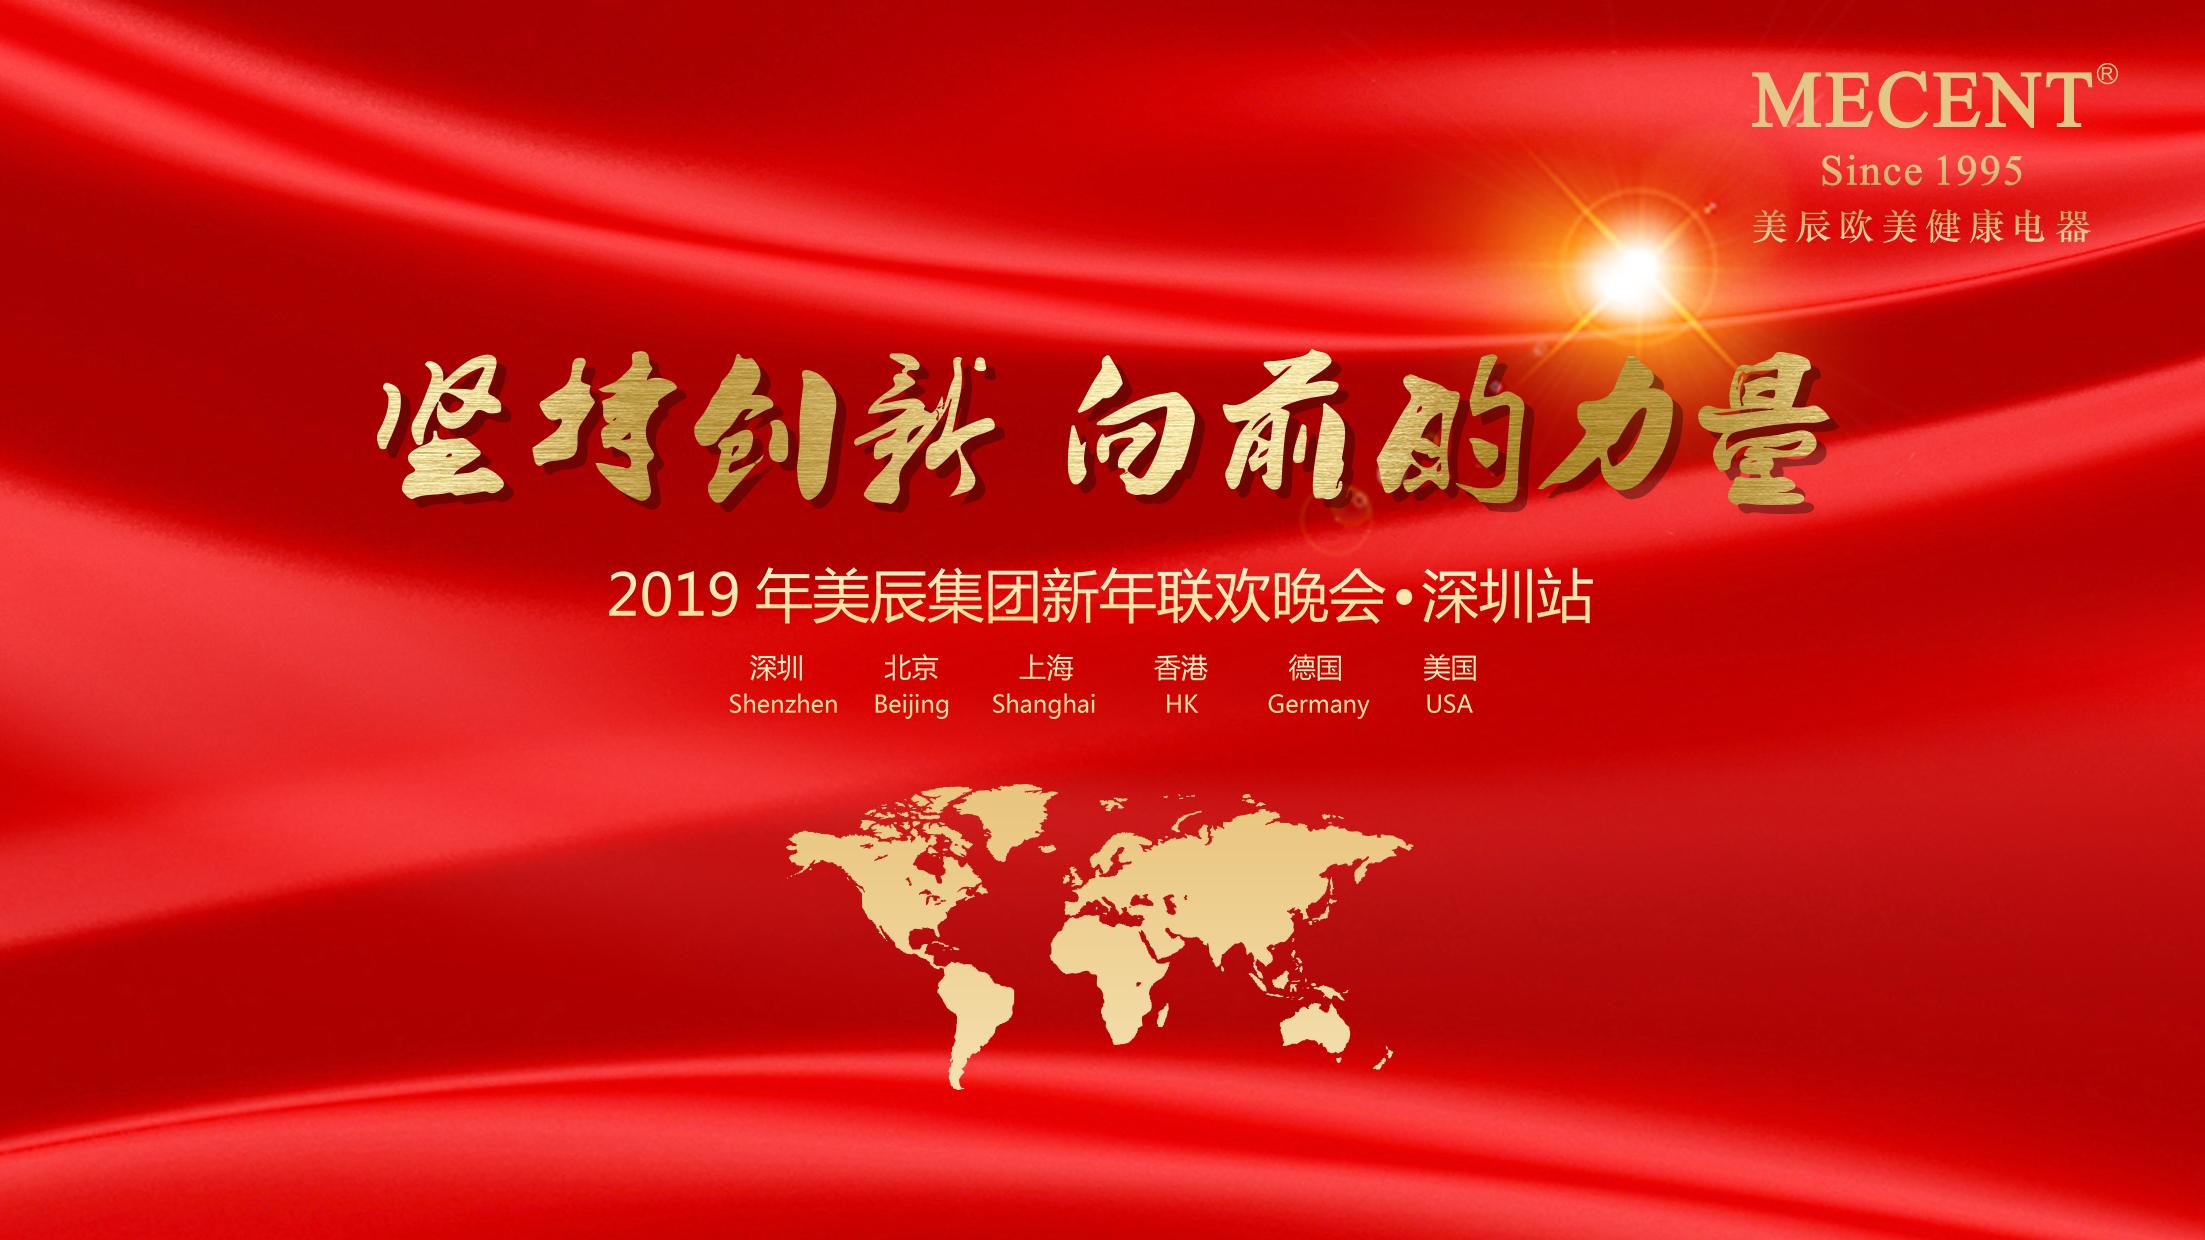 2019美辰集團新春年會——堅持創新·向前的力量 !